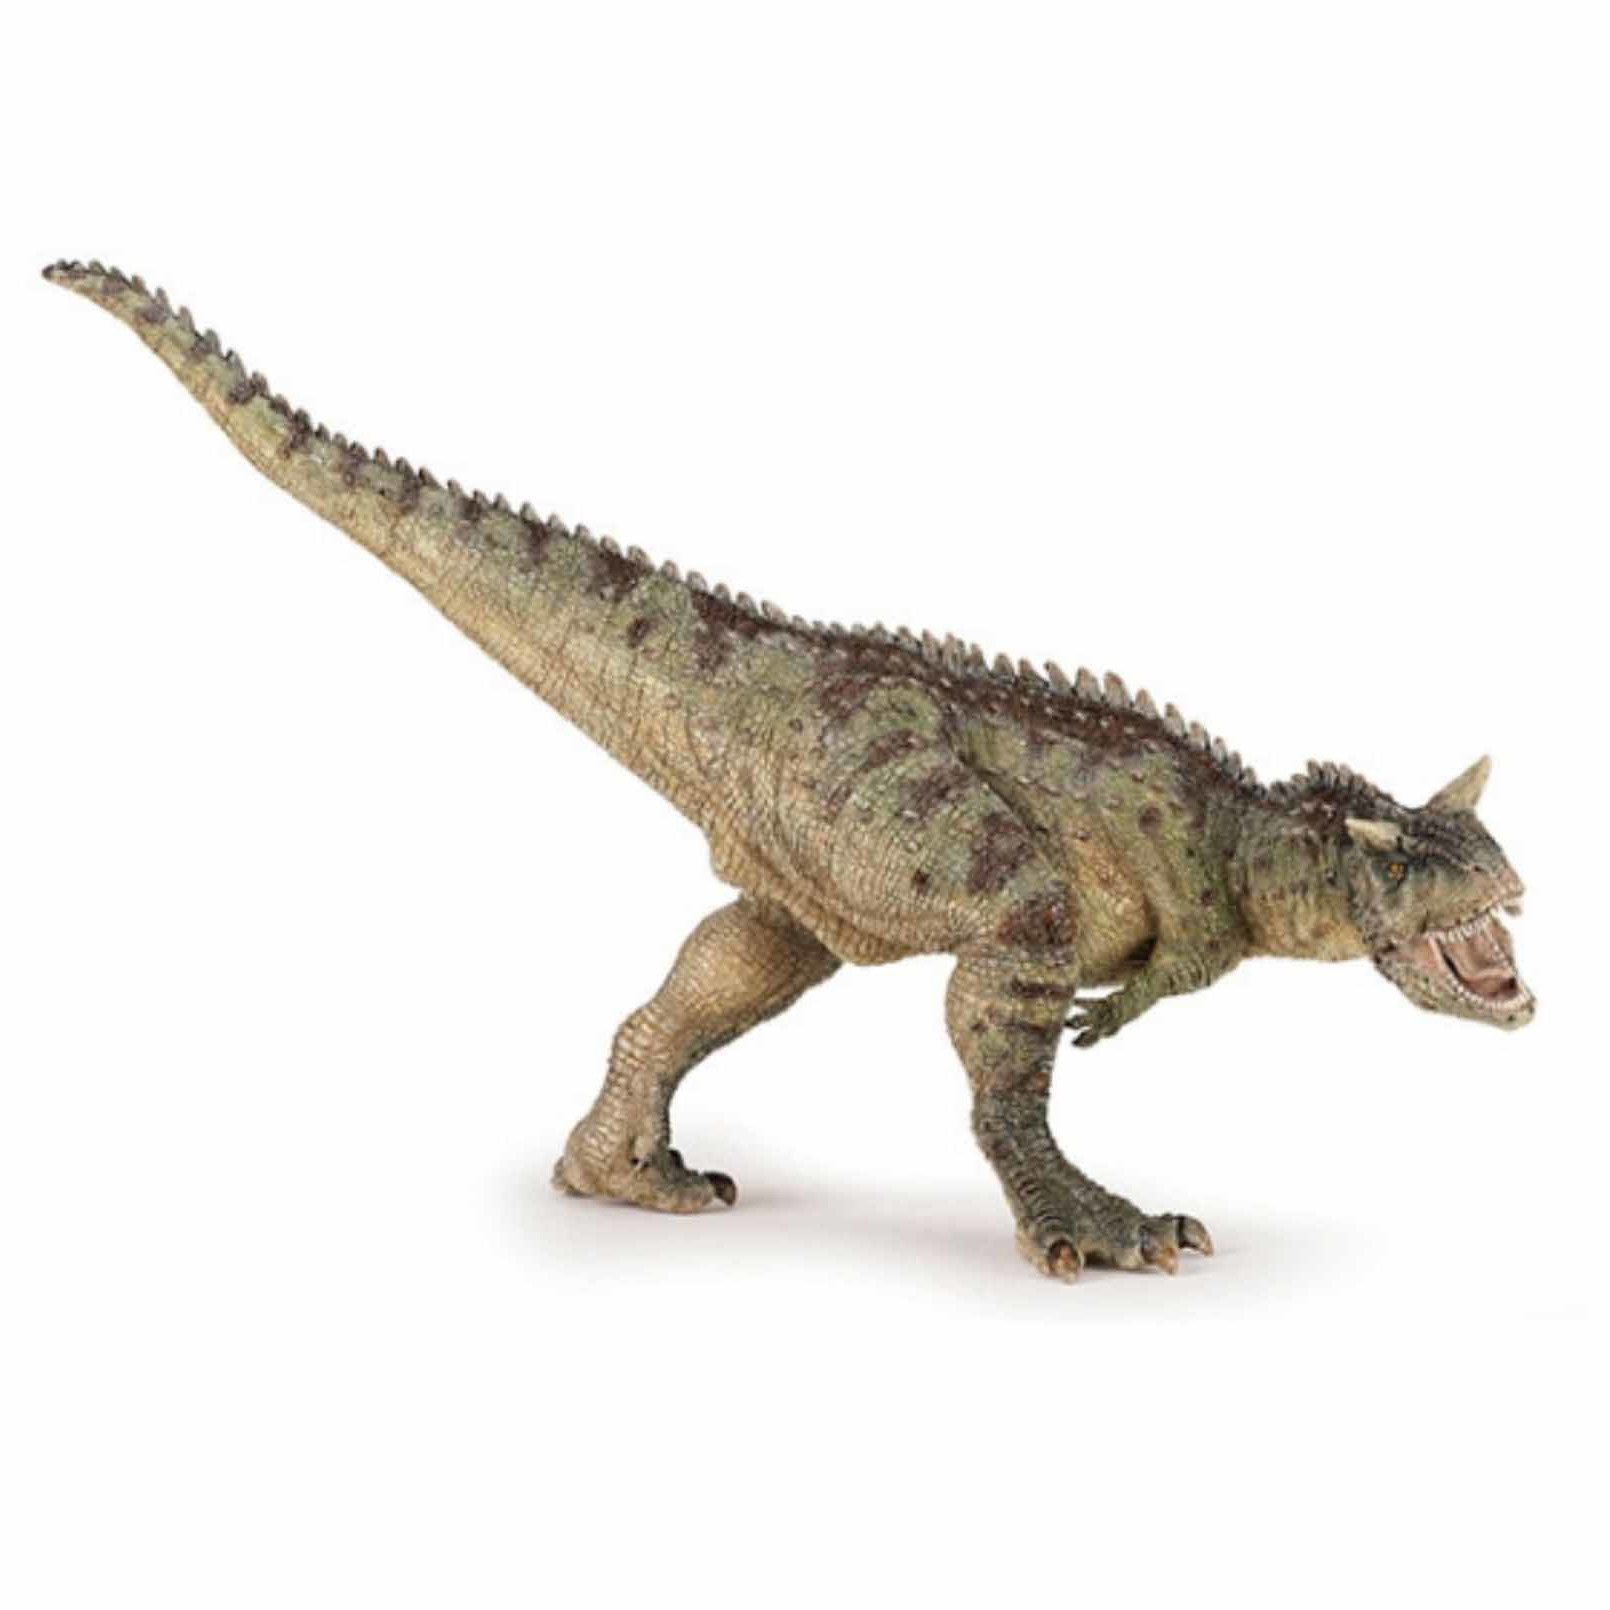 Plastic speelfiguur carnotaurus dinosaurus 19 cm